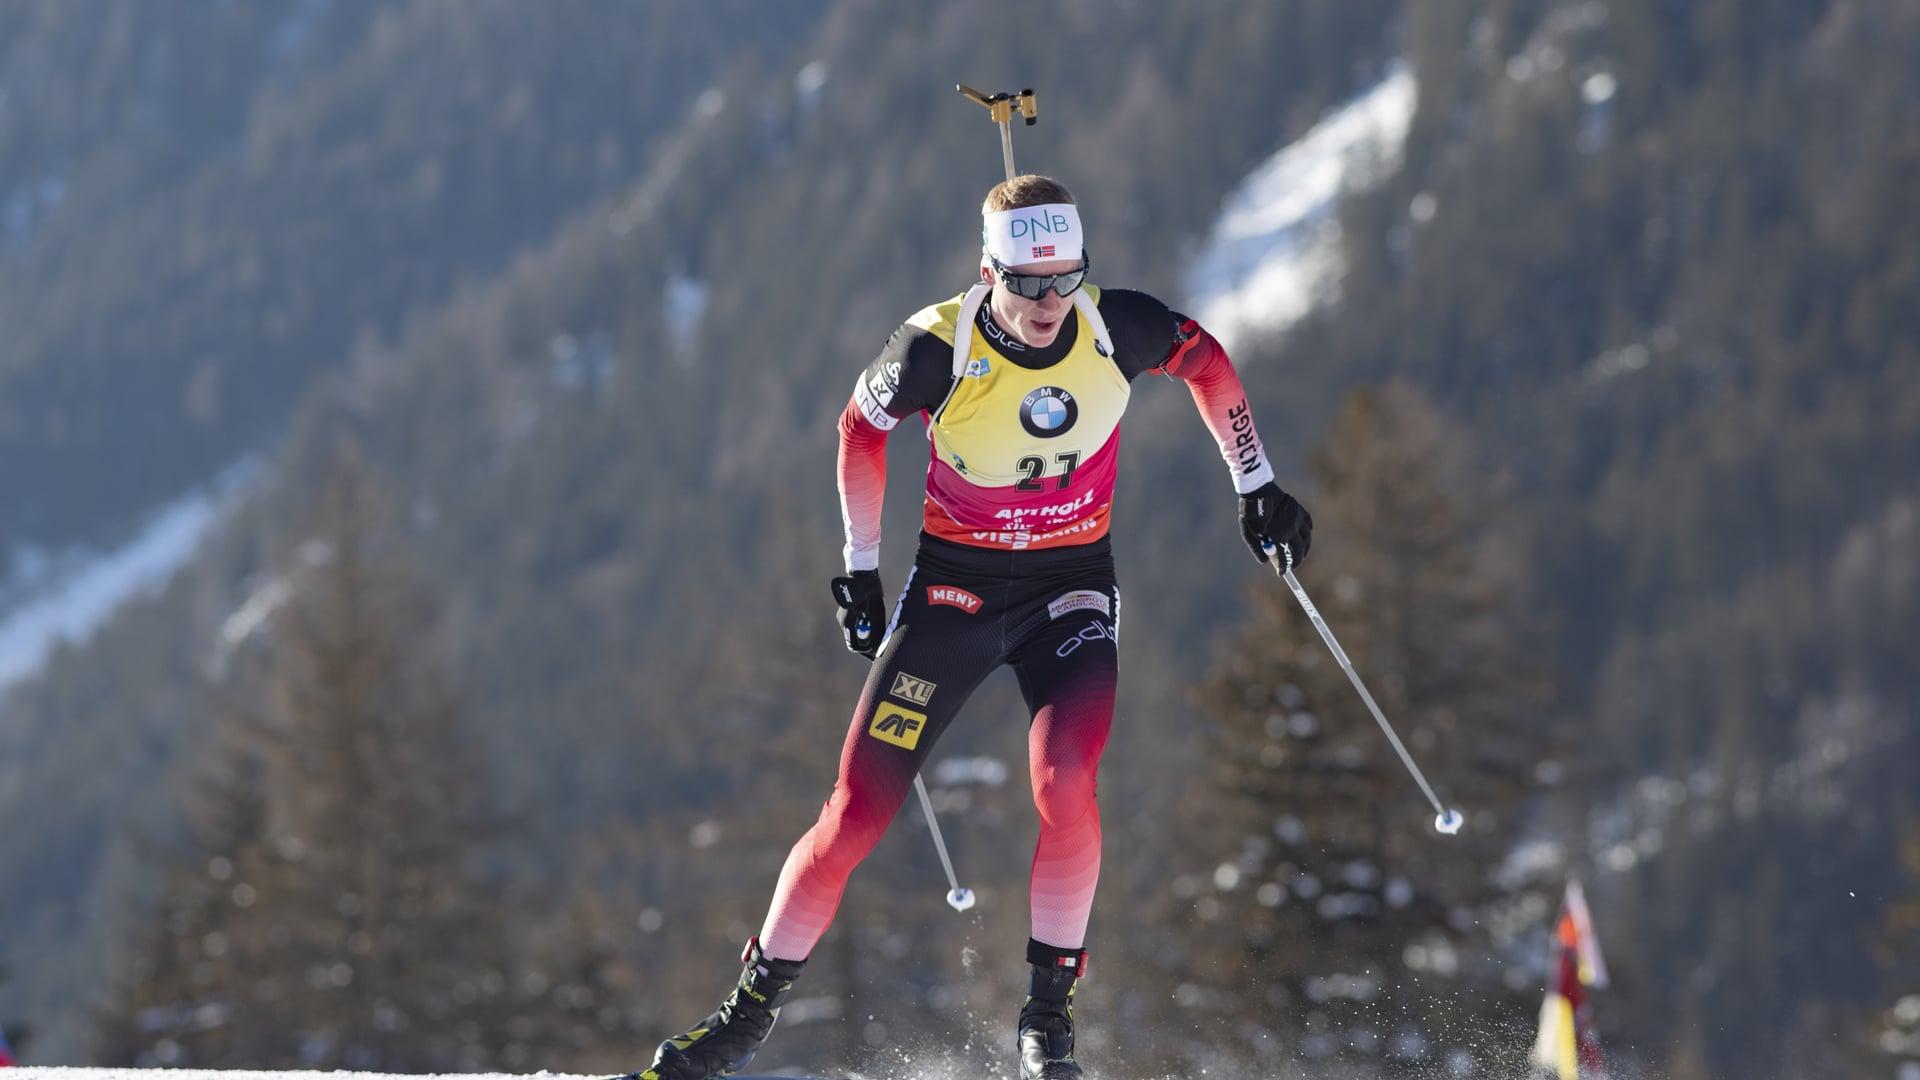 25.01.2019 - Johannes Thingnes Bø domina anche la sprint di Anterselva